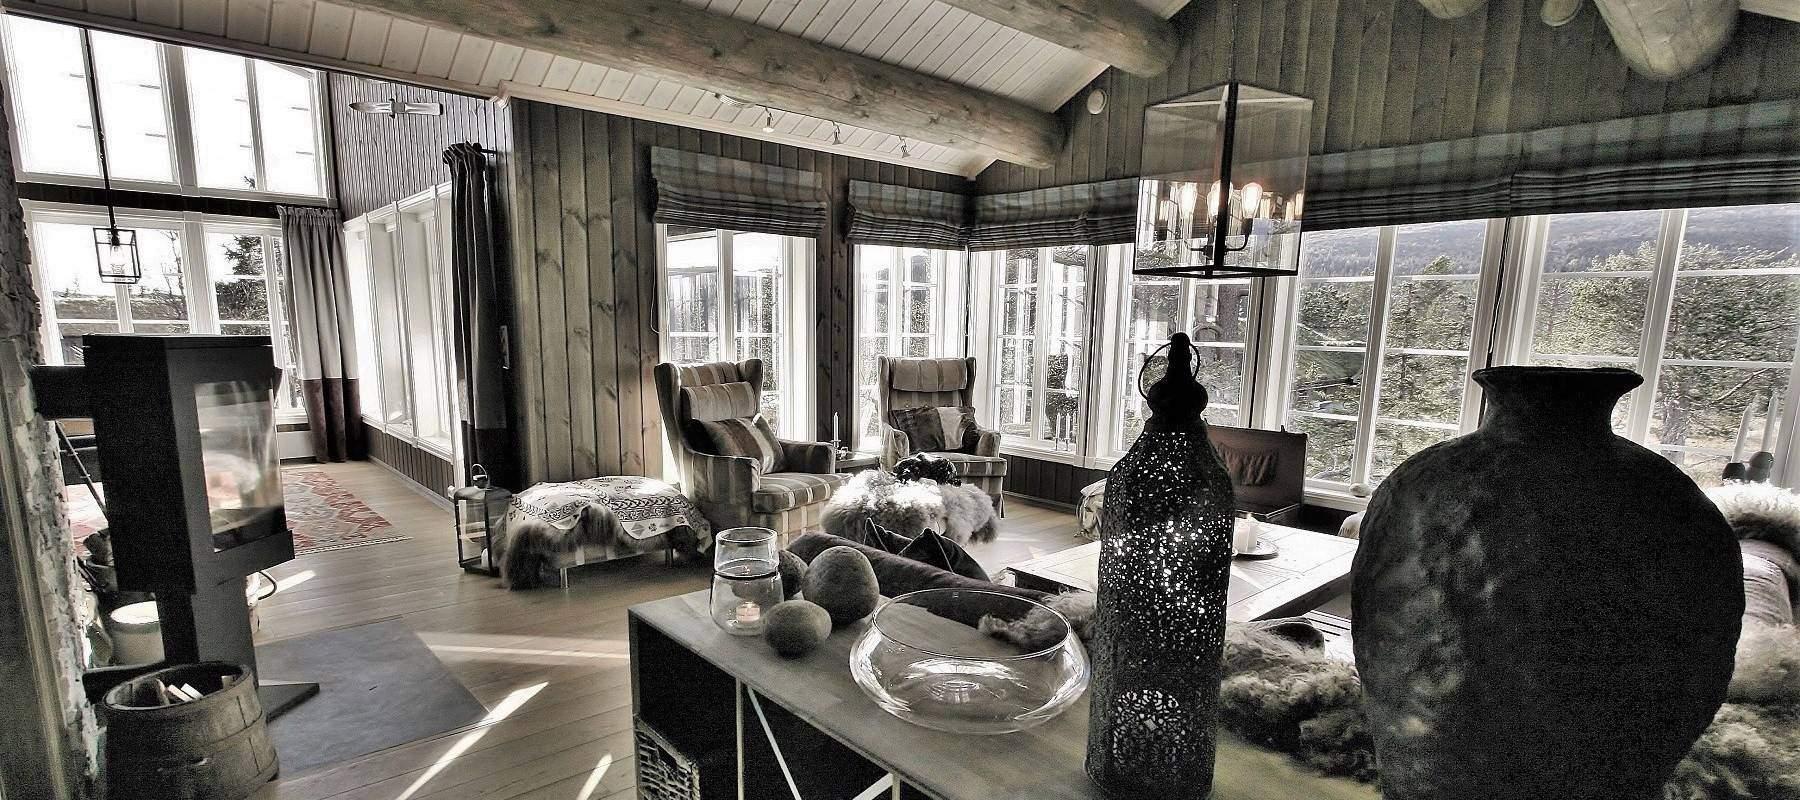 114 Hytteinteriør Inspirasjon Veggli – Stryn 92